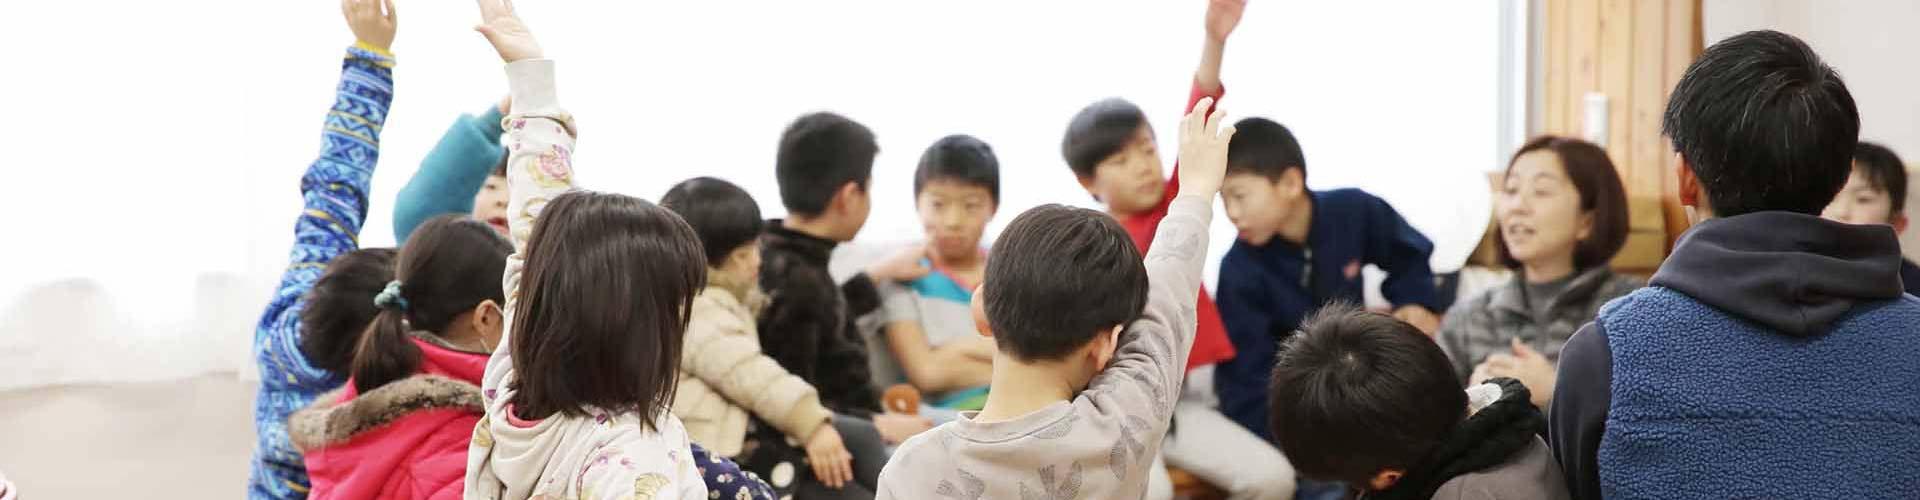 日本初のイエナプランスクールを取材したら、自由と責任の意味を学ぶ子どもたちに出会えた